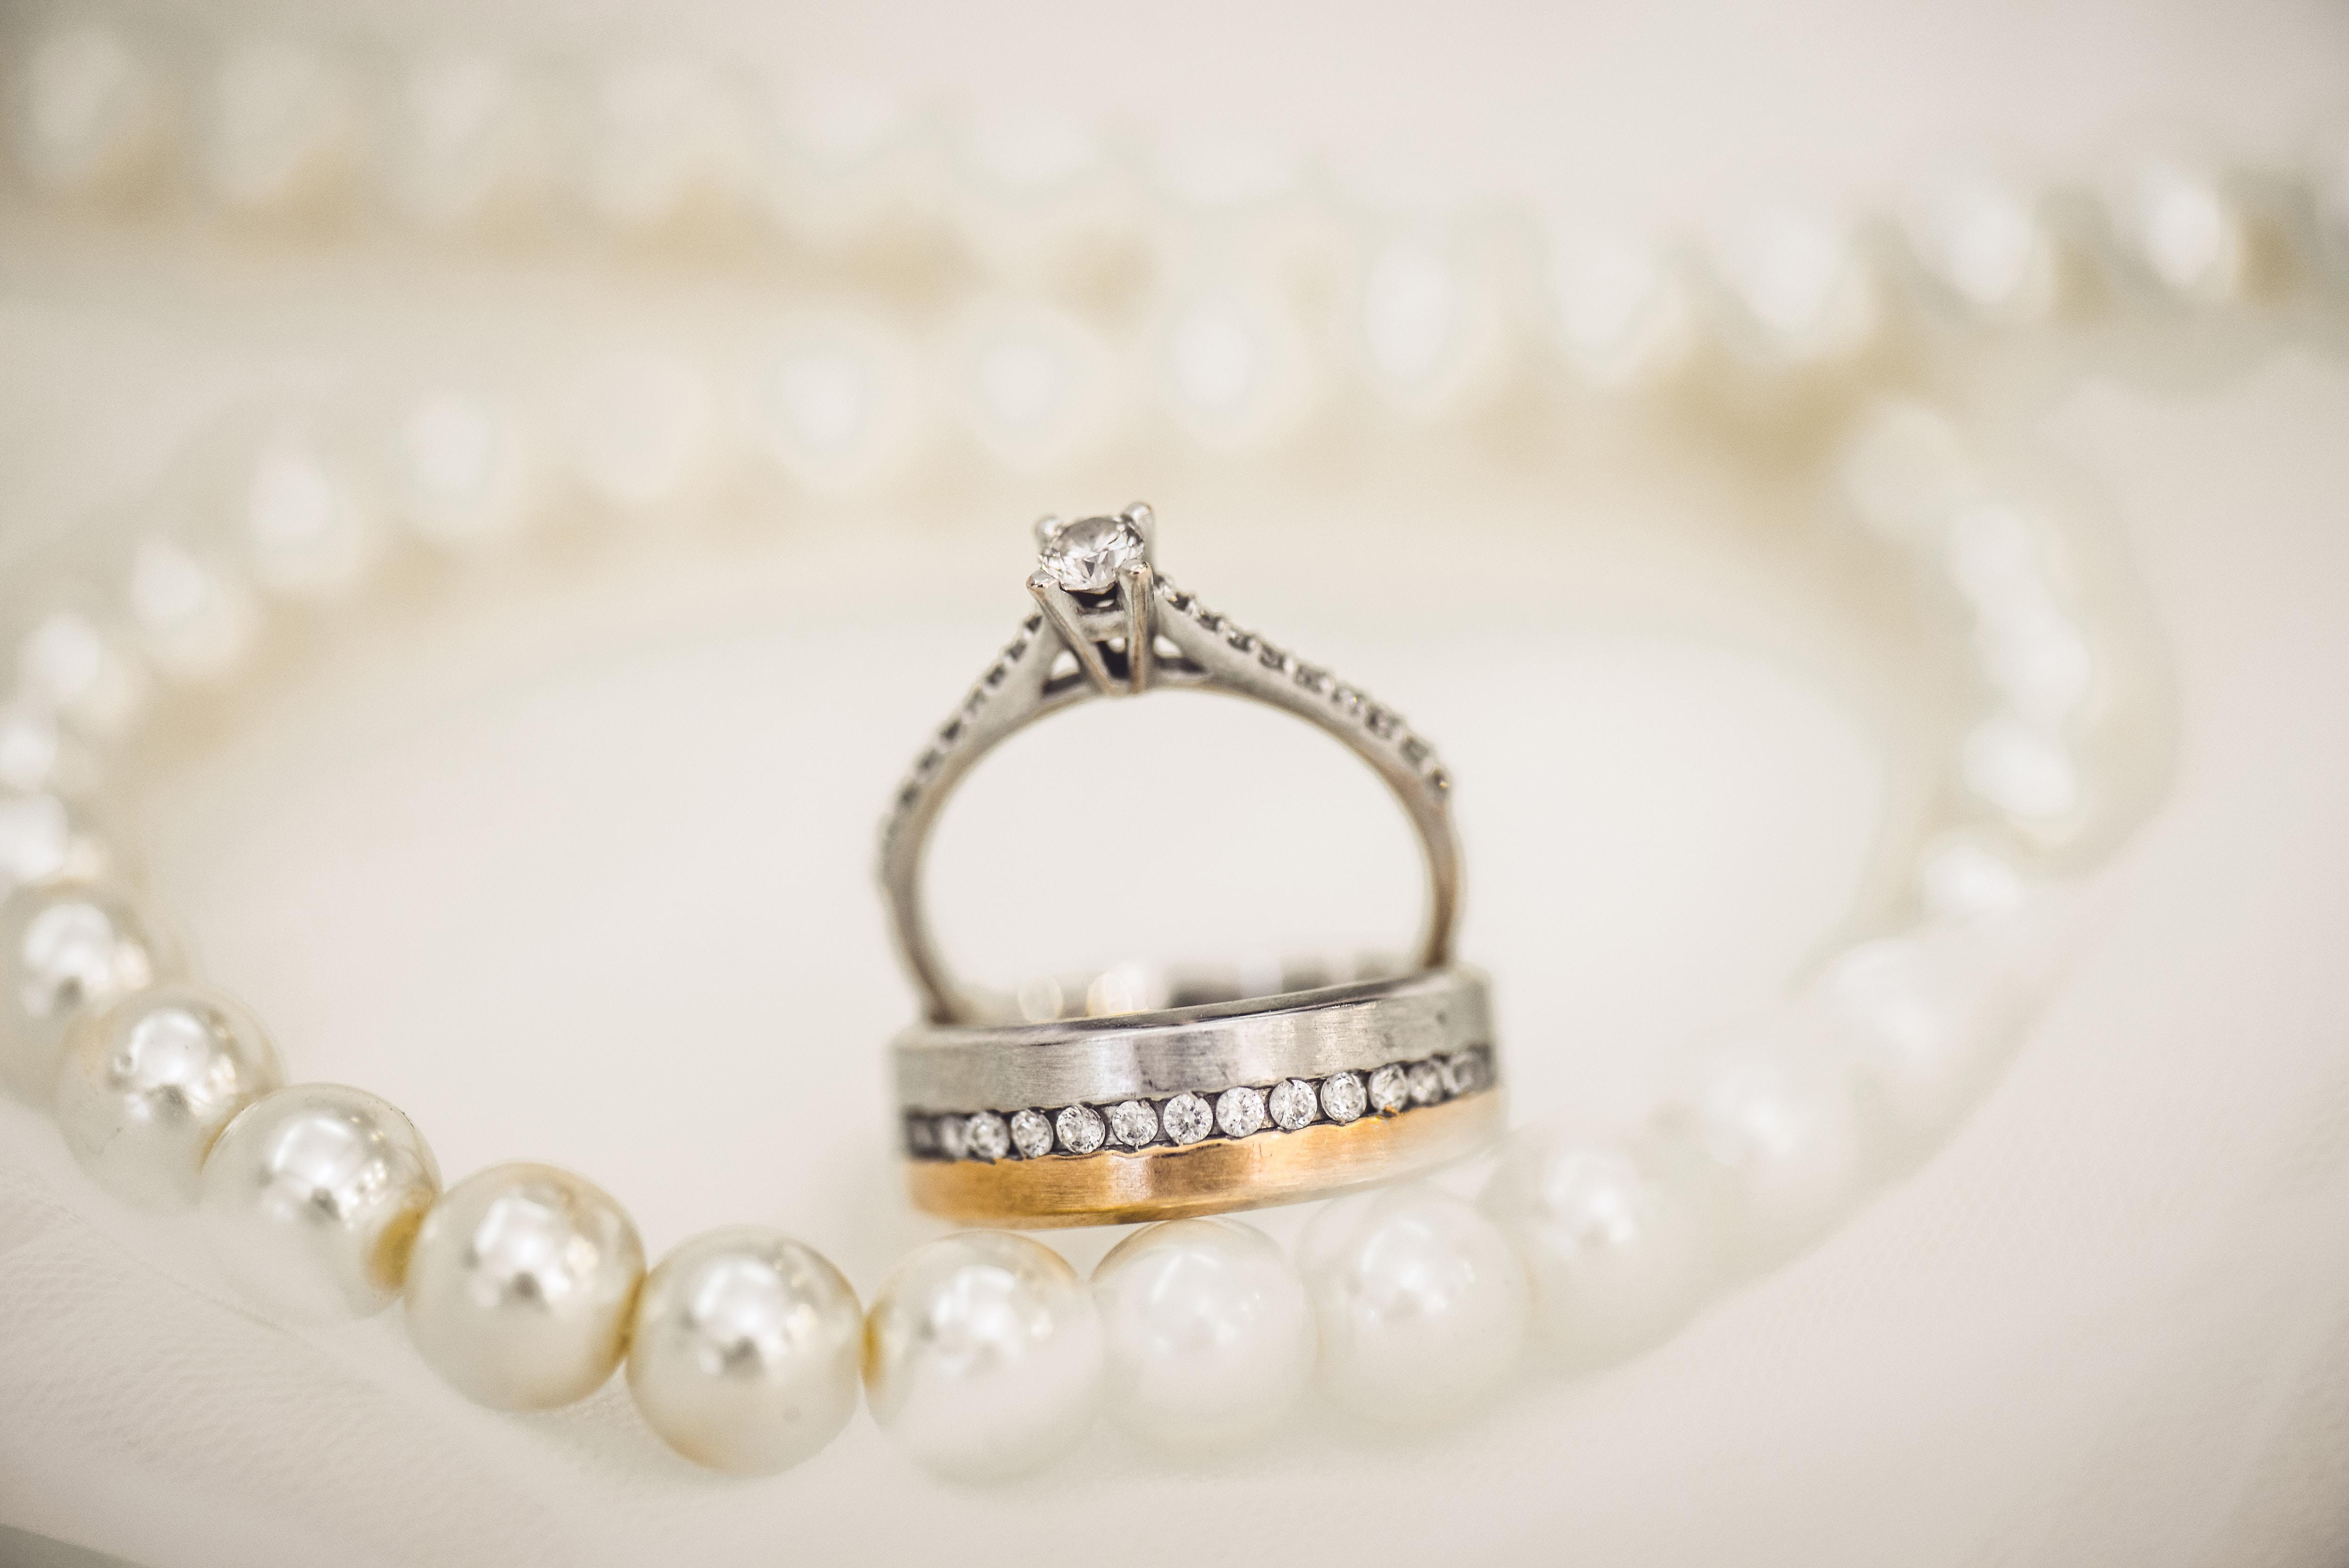 Luksus smykker til den moderne og stilbevidste kvinde